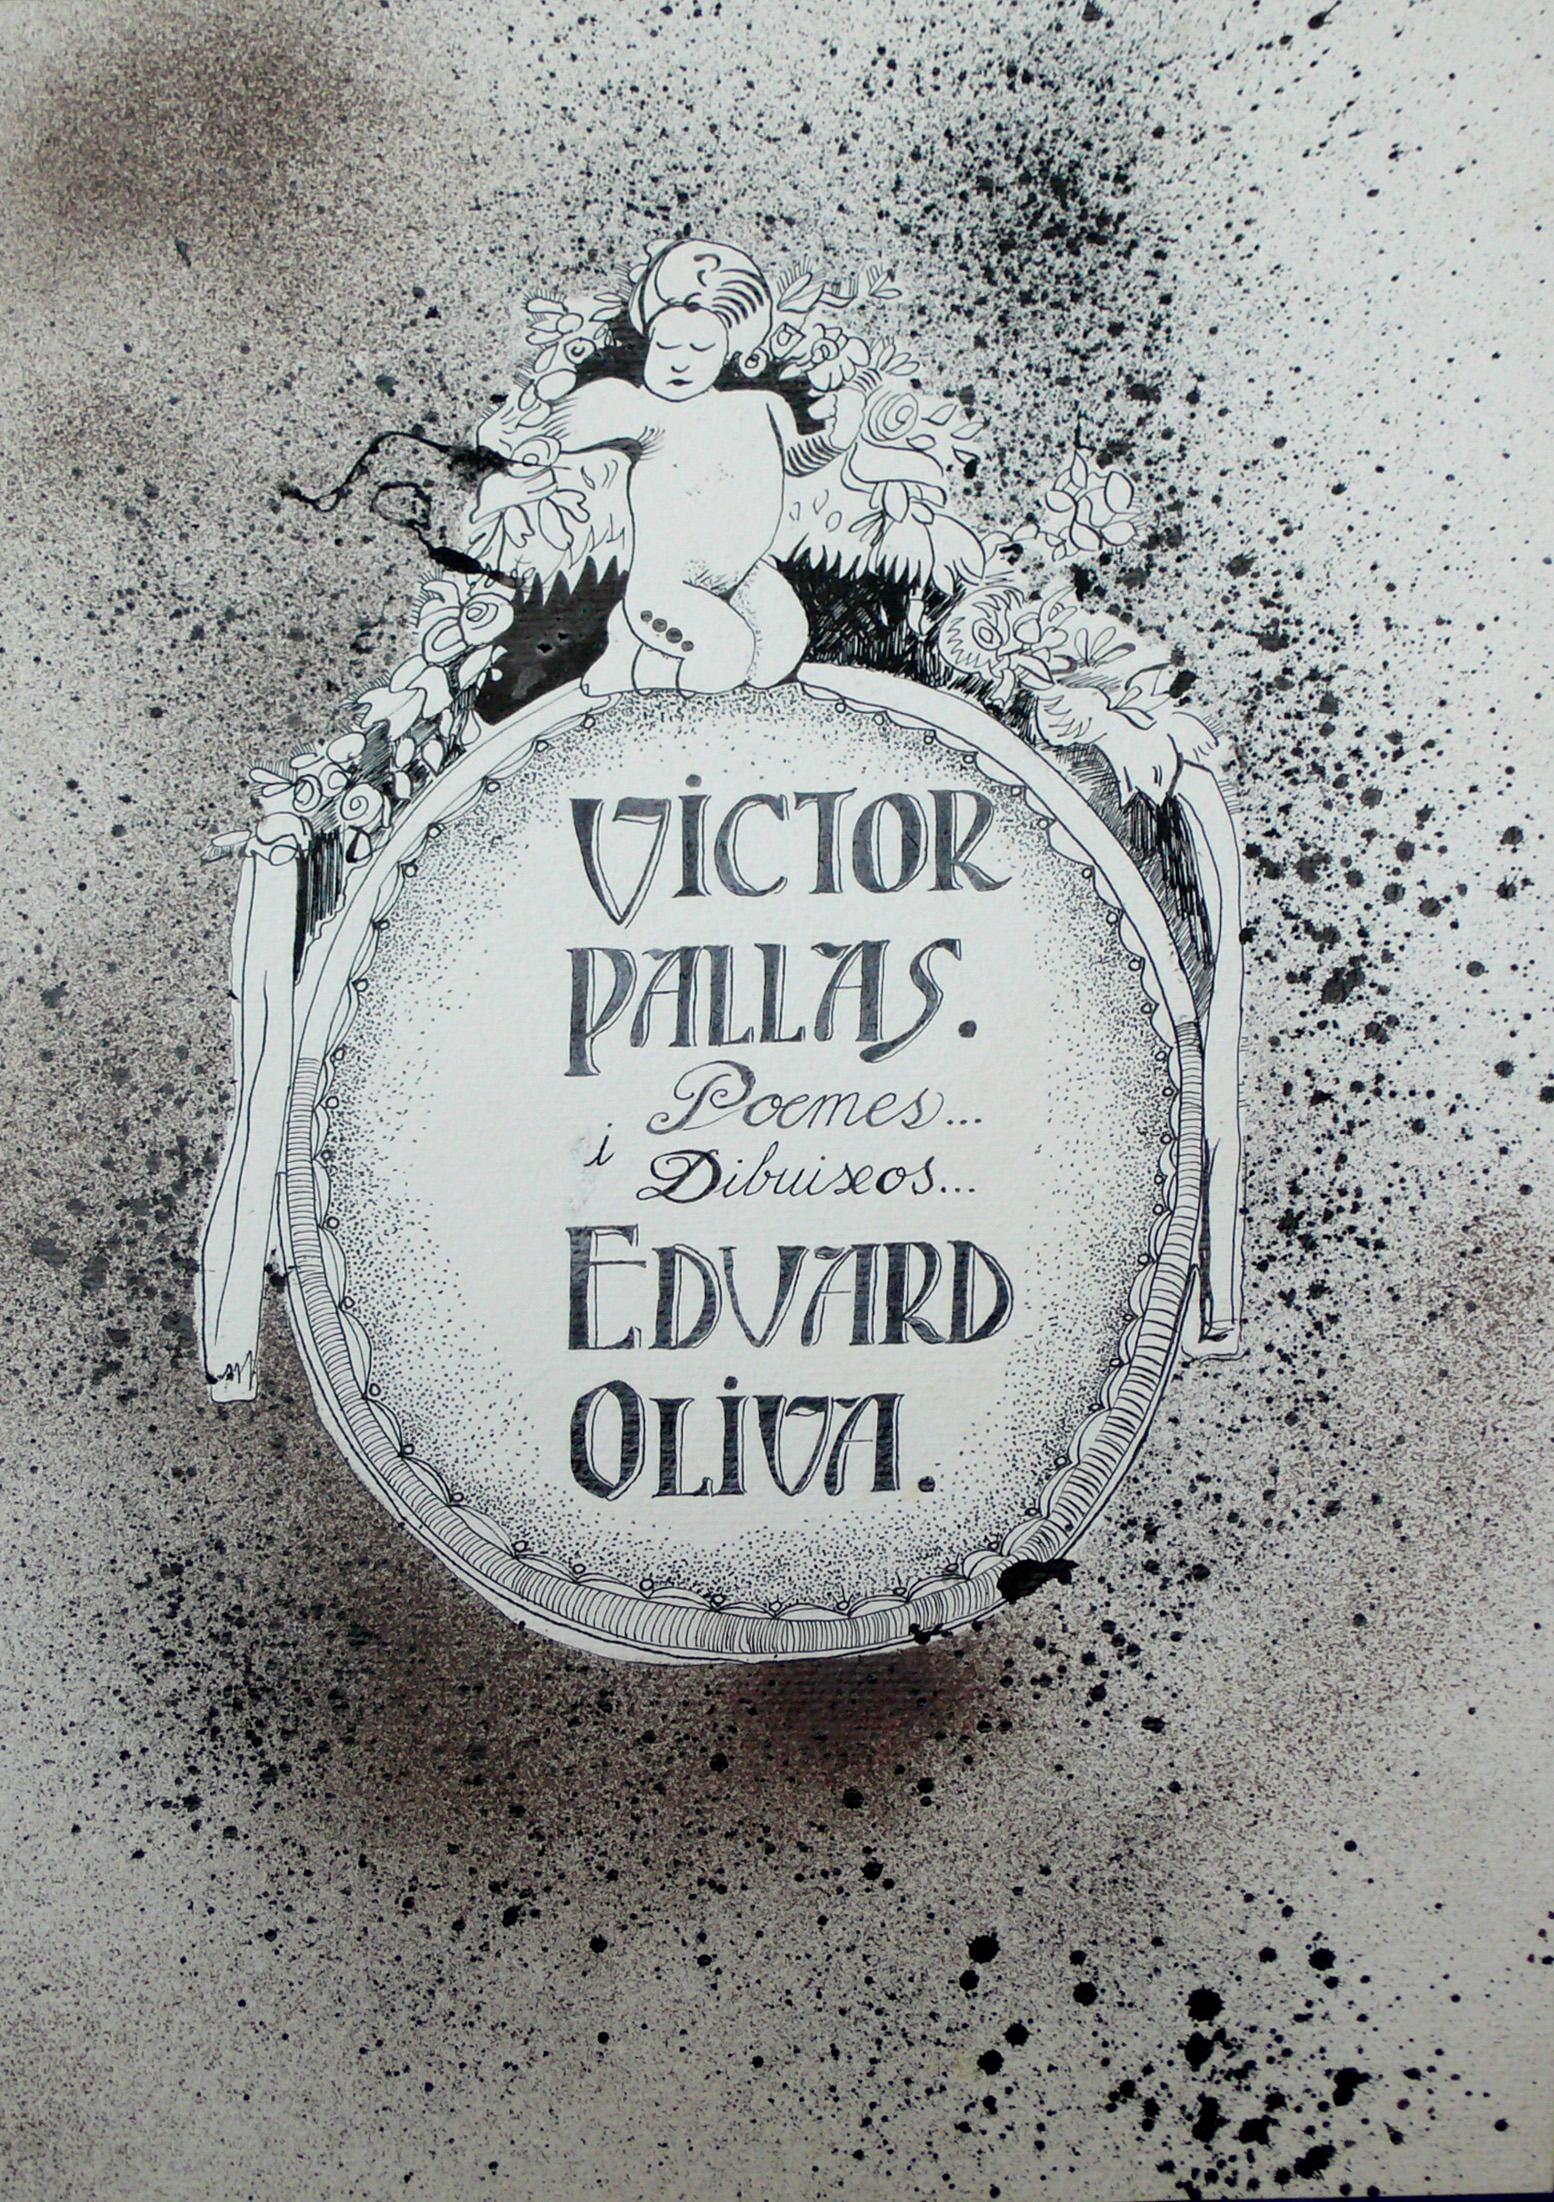 Portada del llibre de Víctor Pallàs i Eduard Oliva